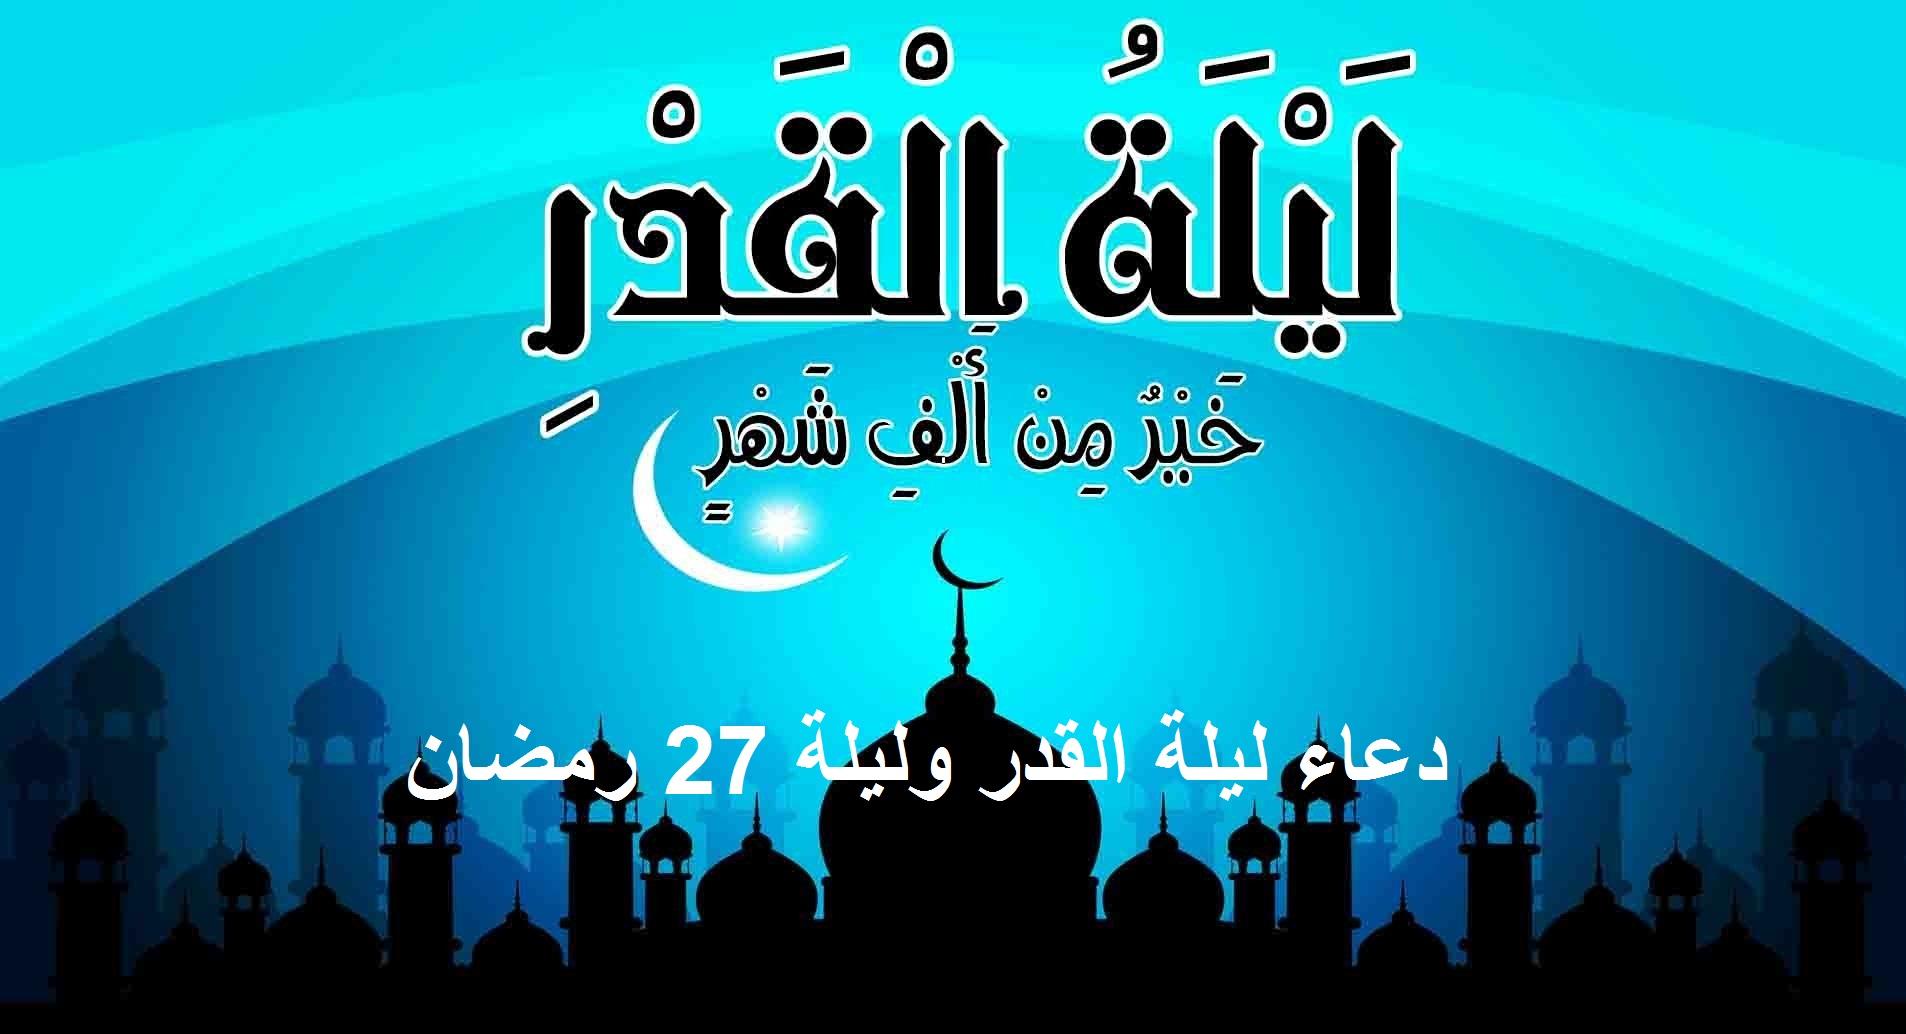 دعاء ليلة القدر الذي أوصى به النبي عليه السلام ودعاء ليلة 27 رمضان 5